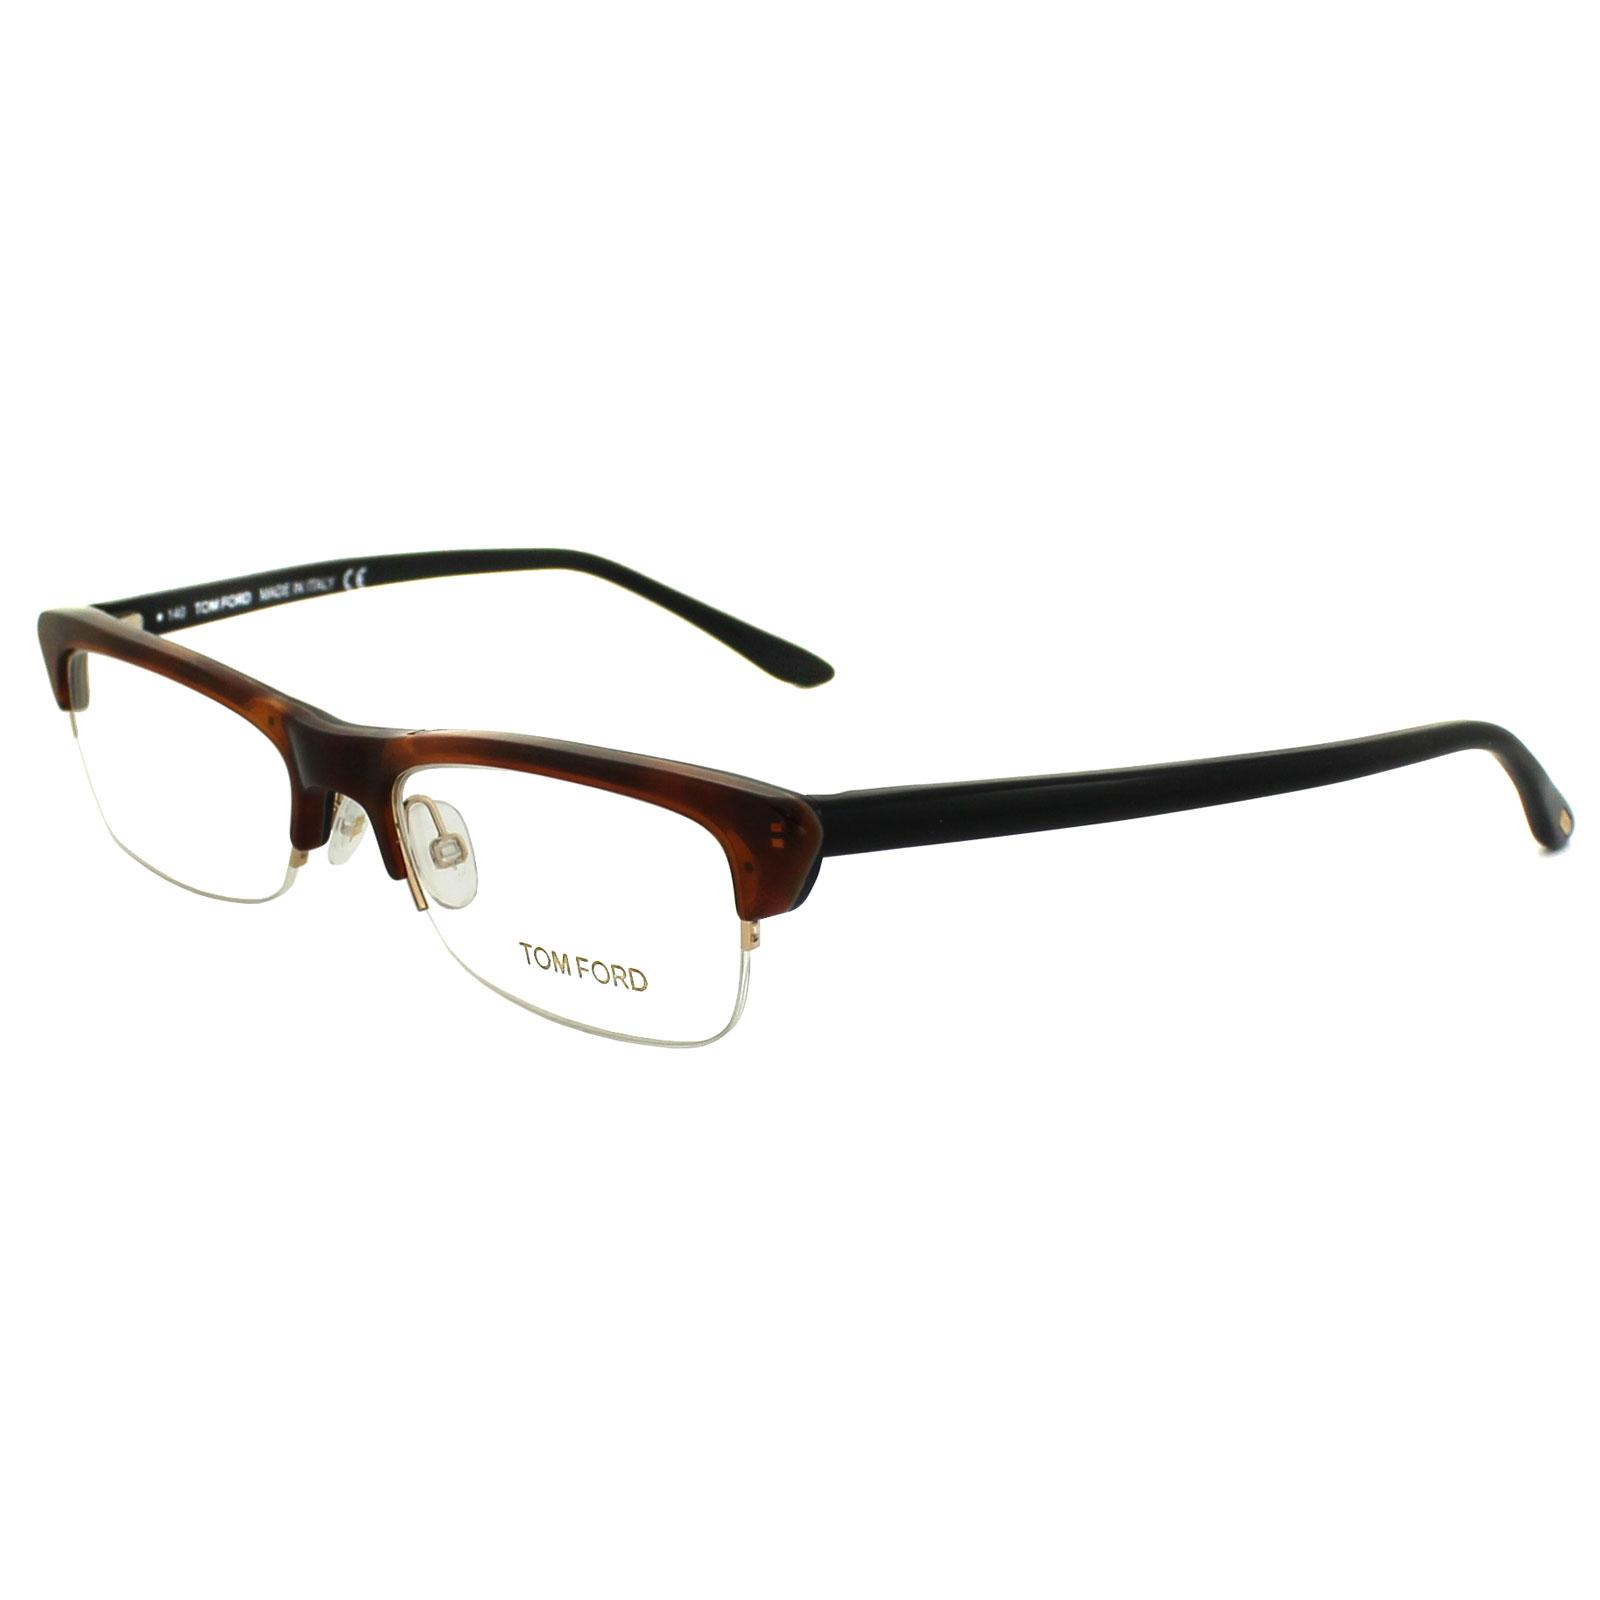 Tom Ford Glasses Frames 5133 056 Light Havana 664689446773   eBay